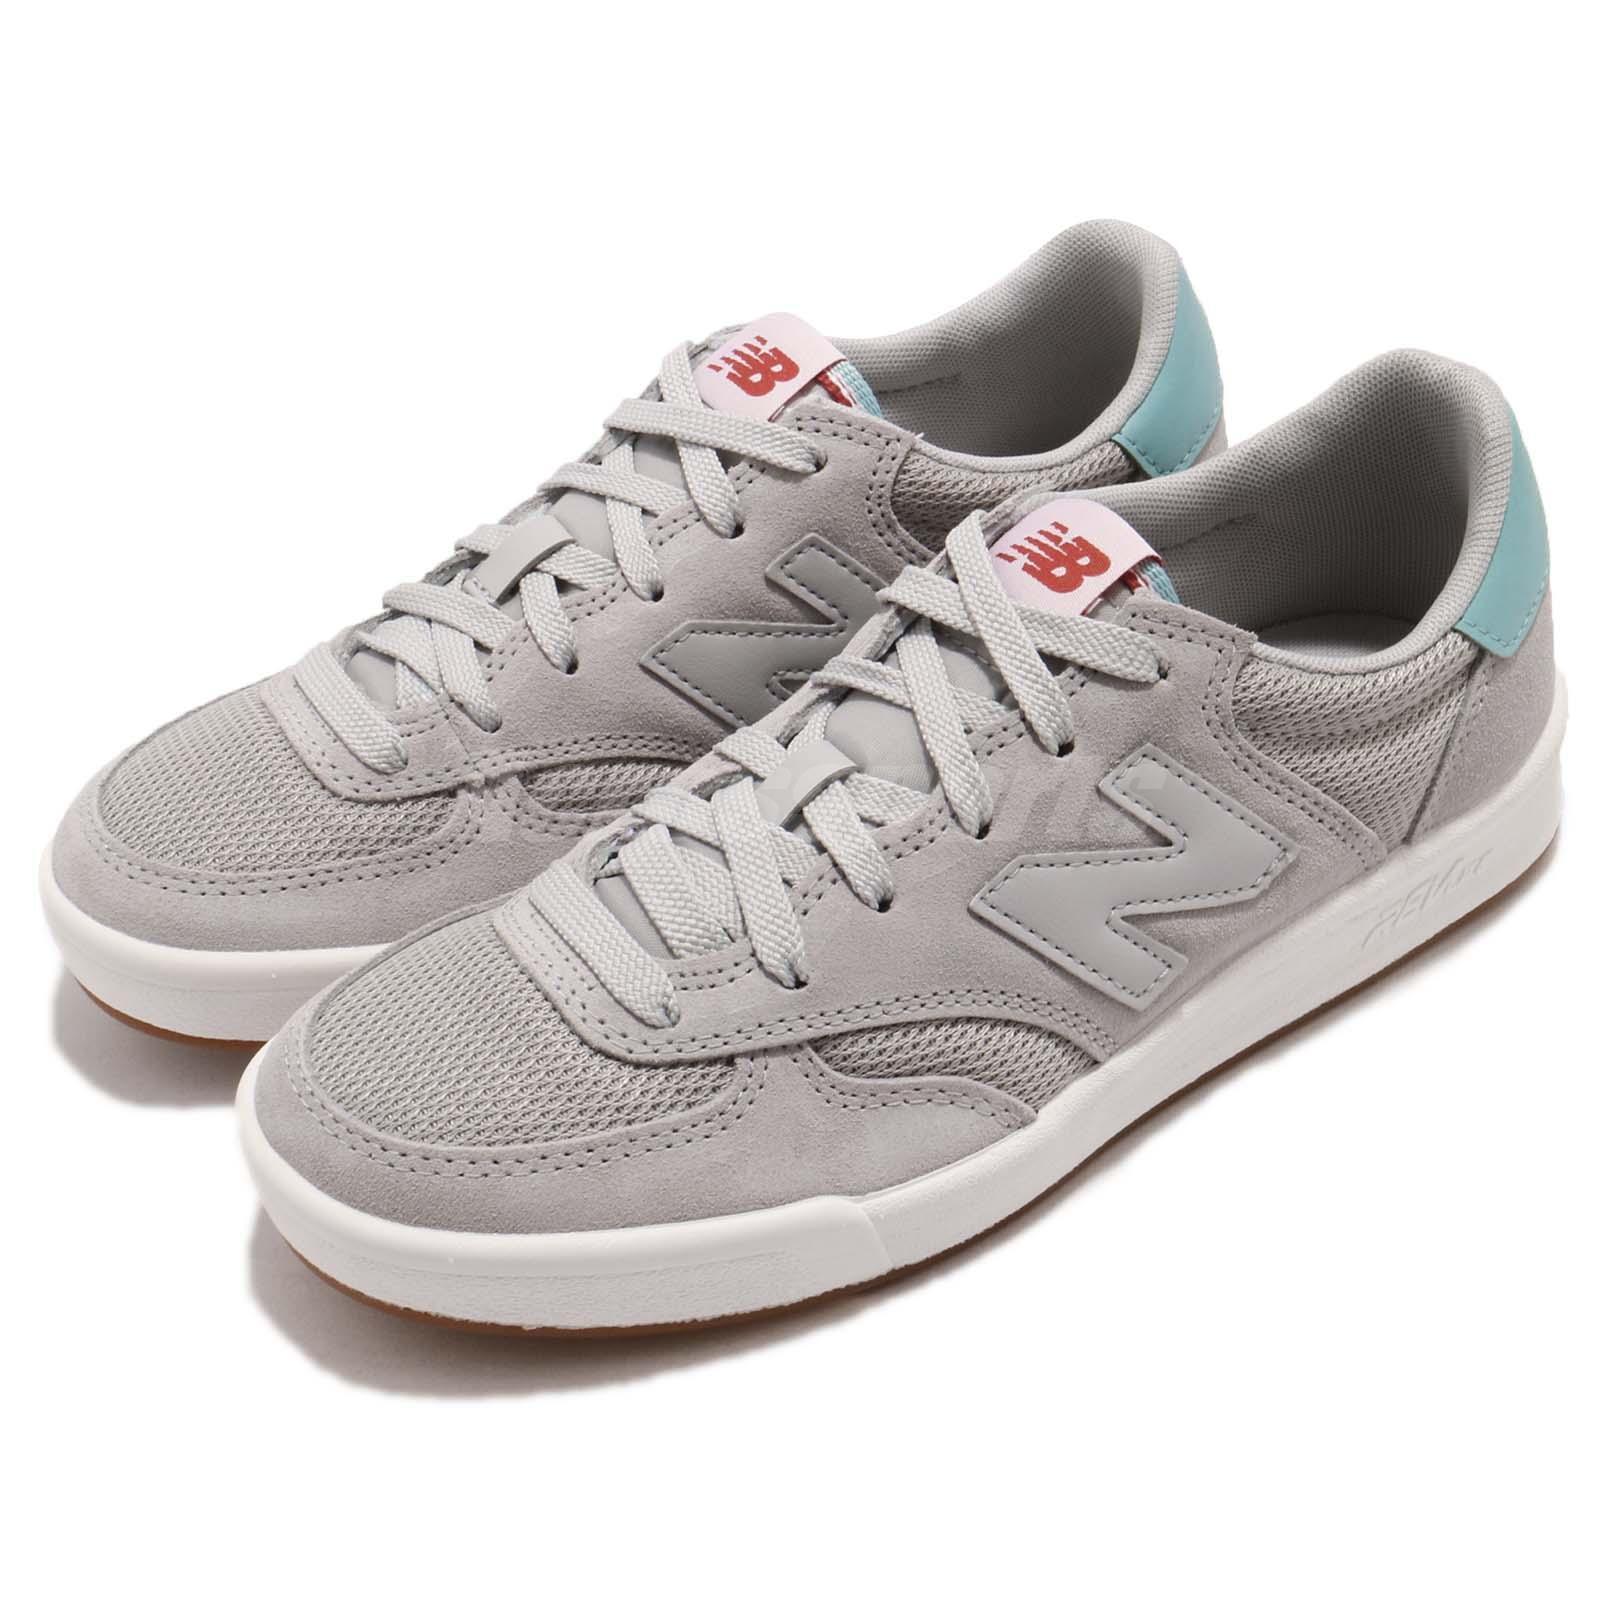 New Balance CRT300KB D  Gris  blanc Gum homme fonctionnement Casual chaussures Sneaker CRT300KBD